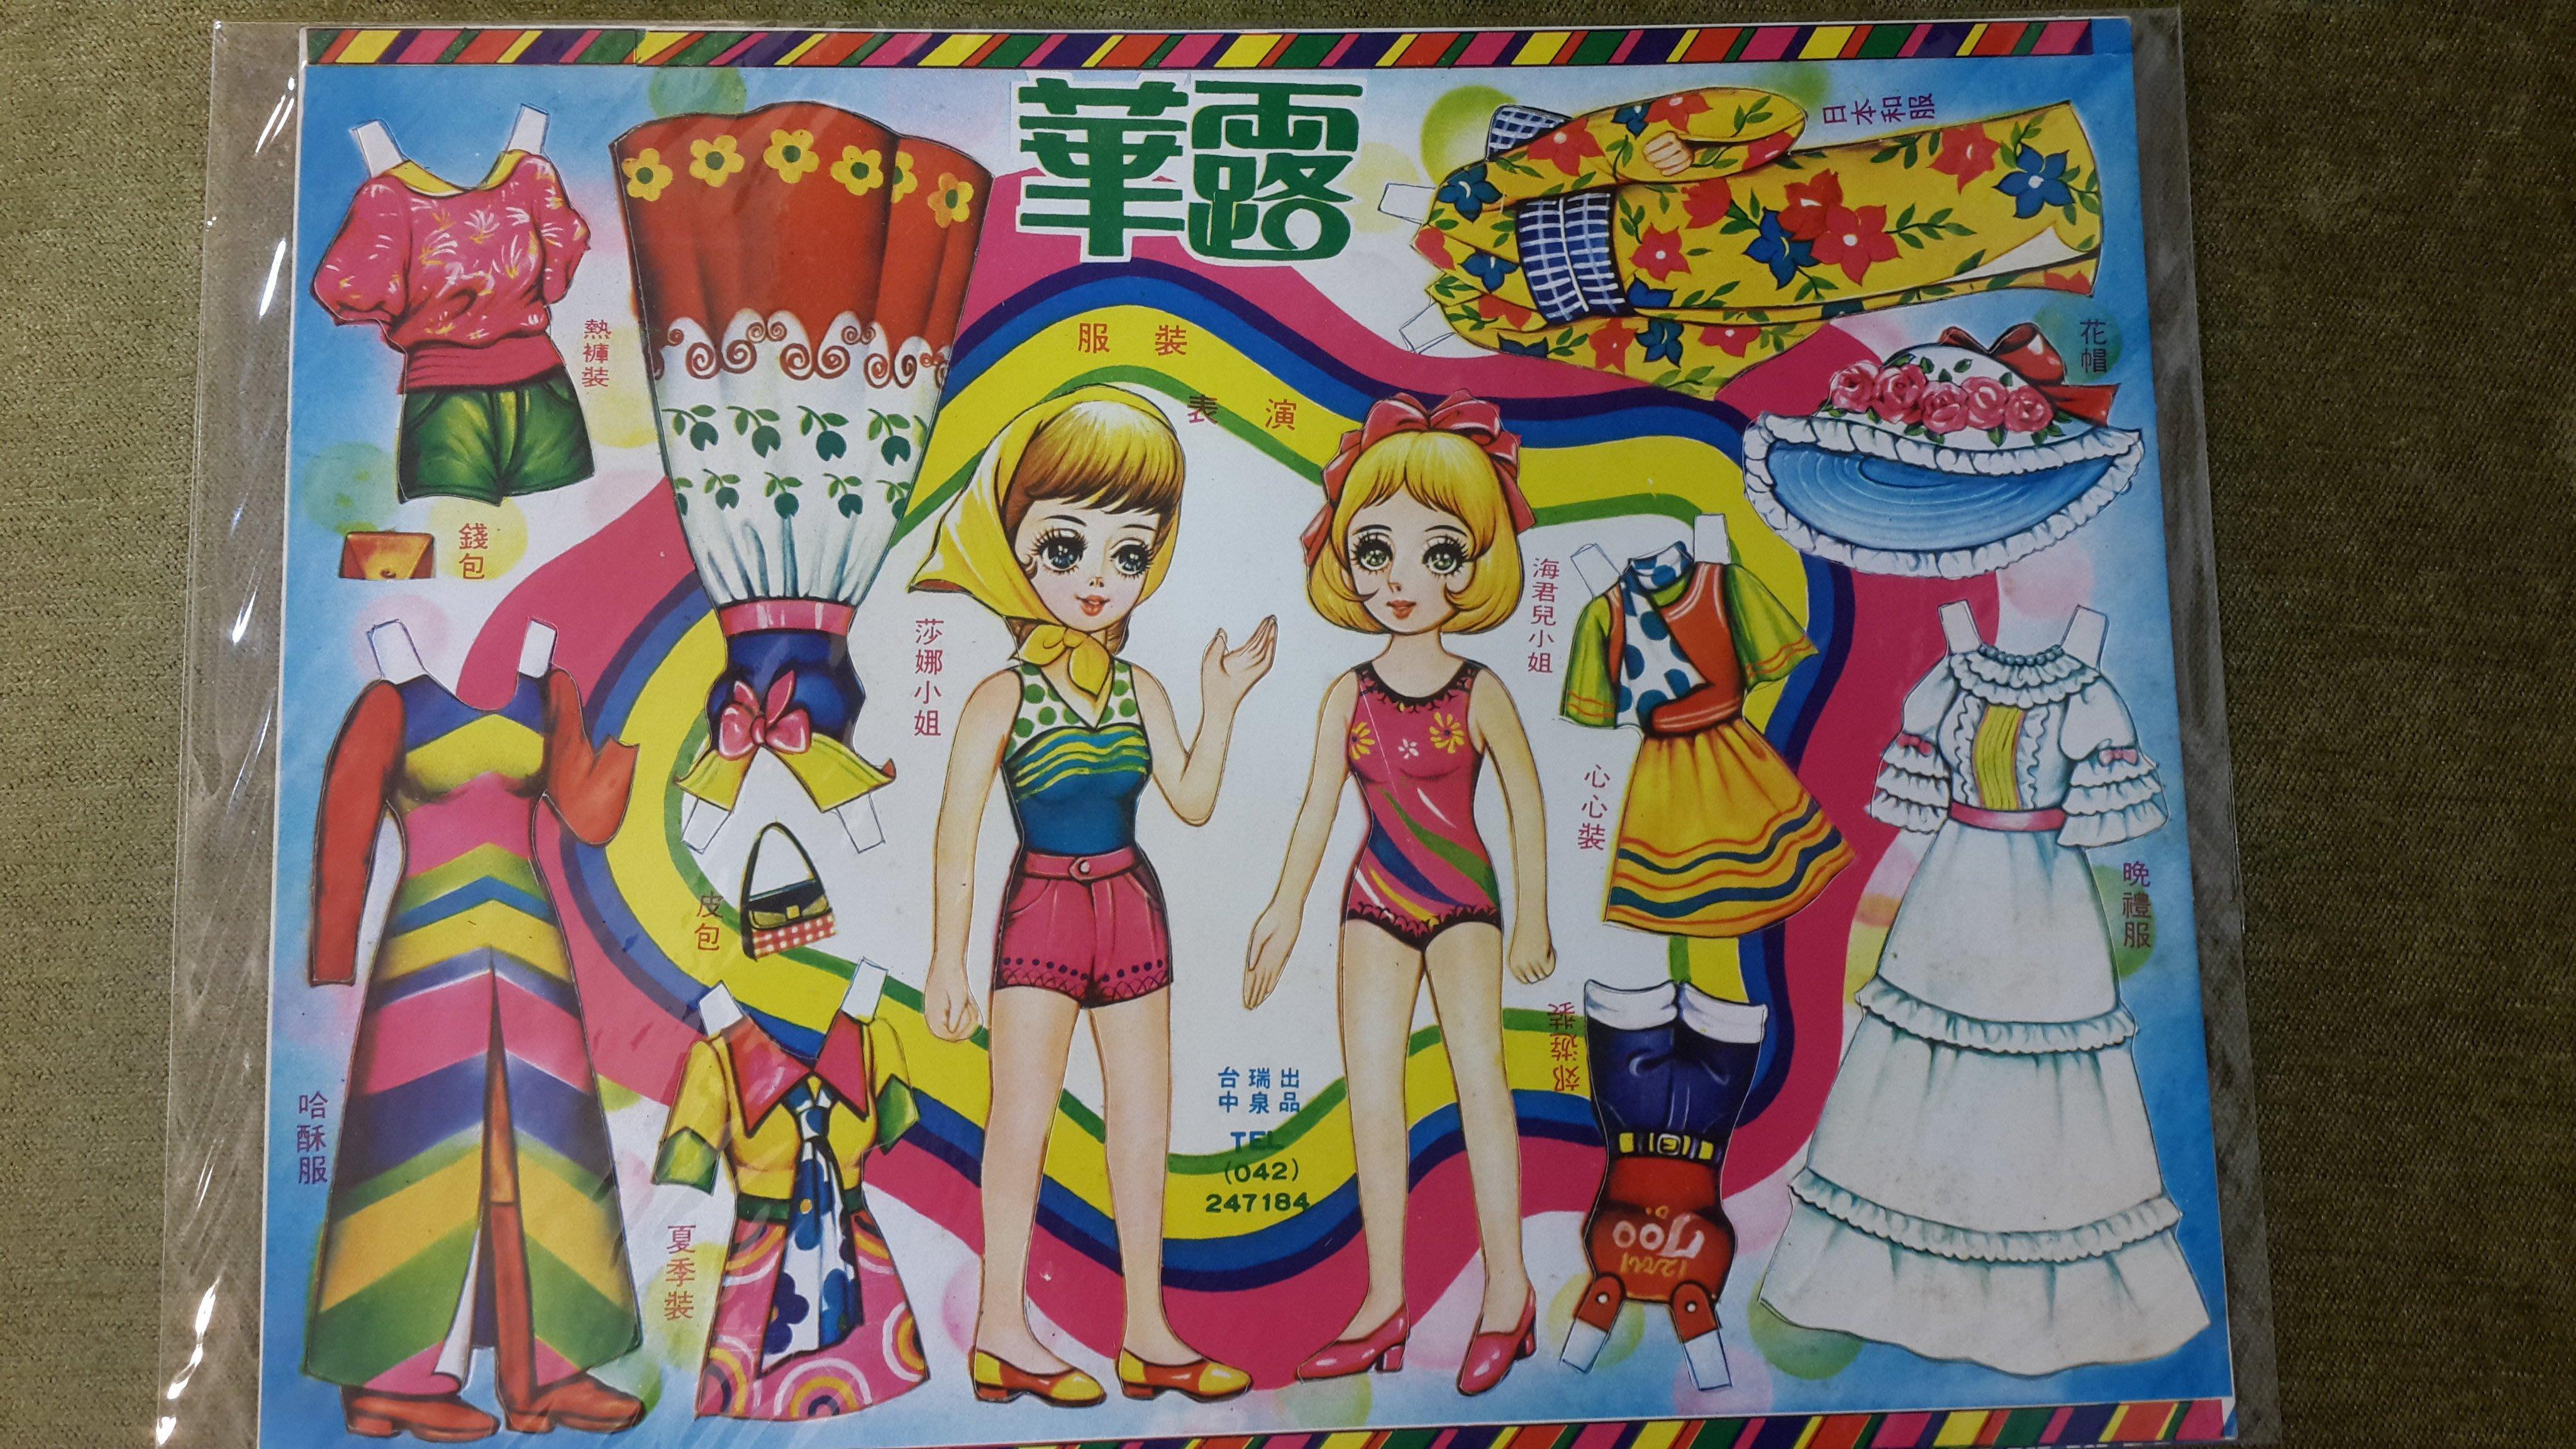 【五六年級童樂會】 早期絕版紙娃娃 服裝表演 華露 台中電話區碼(042)時期(中)80006